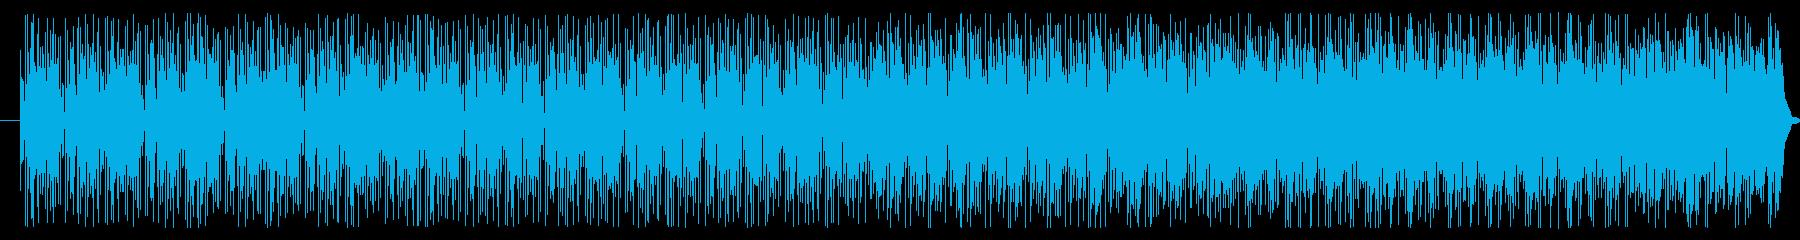 陽気な太鼓が効いたラテンジャズの再生済みの波形